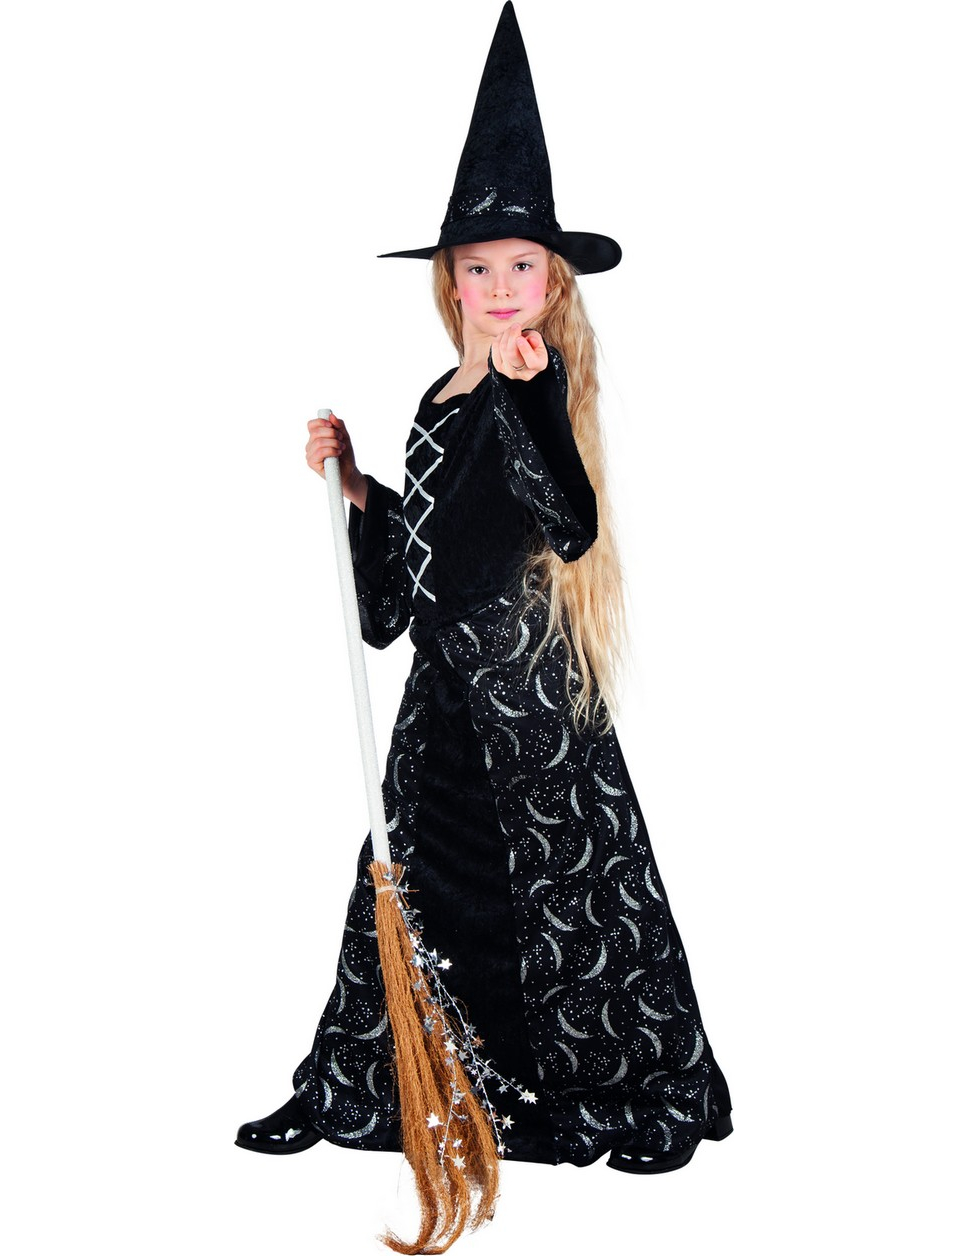 hekse udklædning